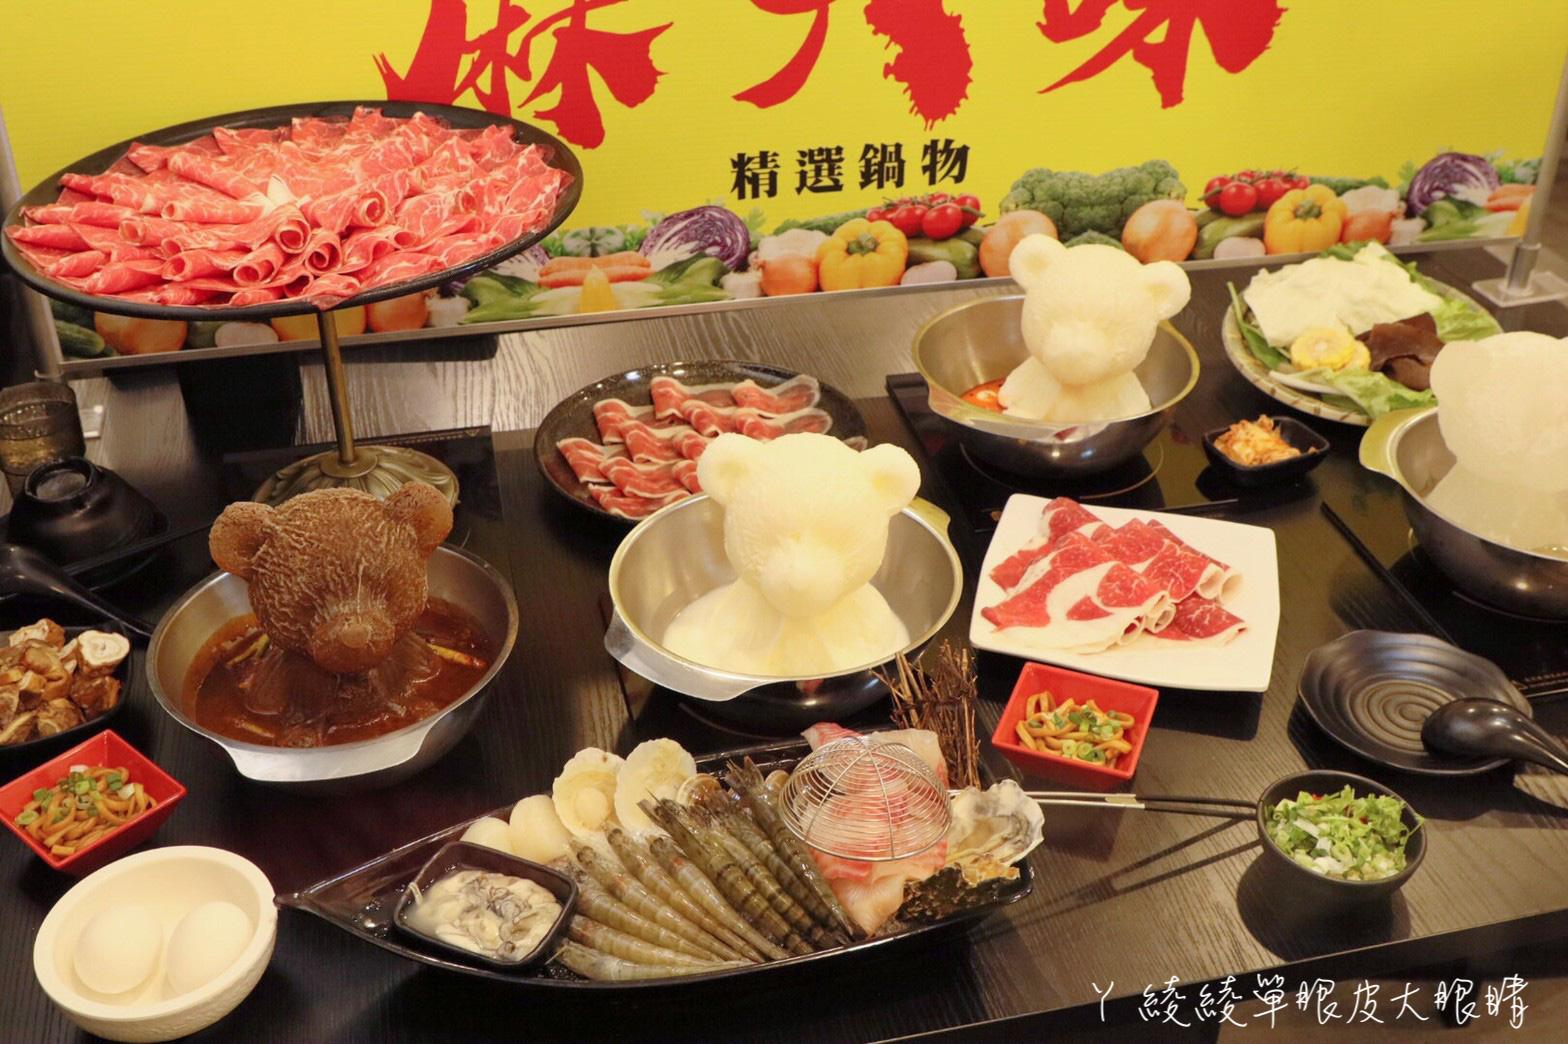 桃園火鍋麻六味鍋物 最便宜一鍋只要二百多元!超可愛熊熊泡湯鍋,超過20種蔬食自助吧全部吃到飽